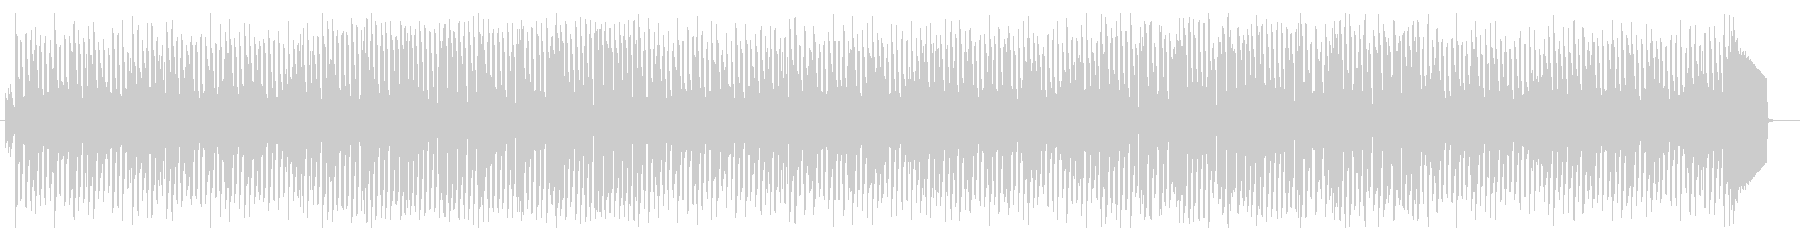 畳みかけるようなリズムが緊張感をあおる曲の未再生の波形